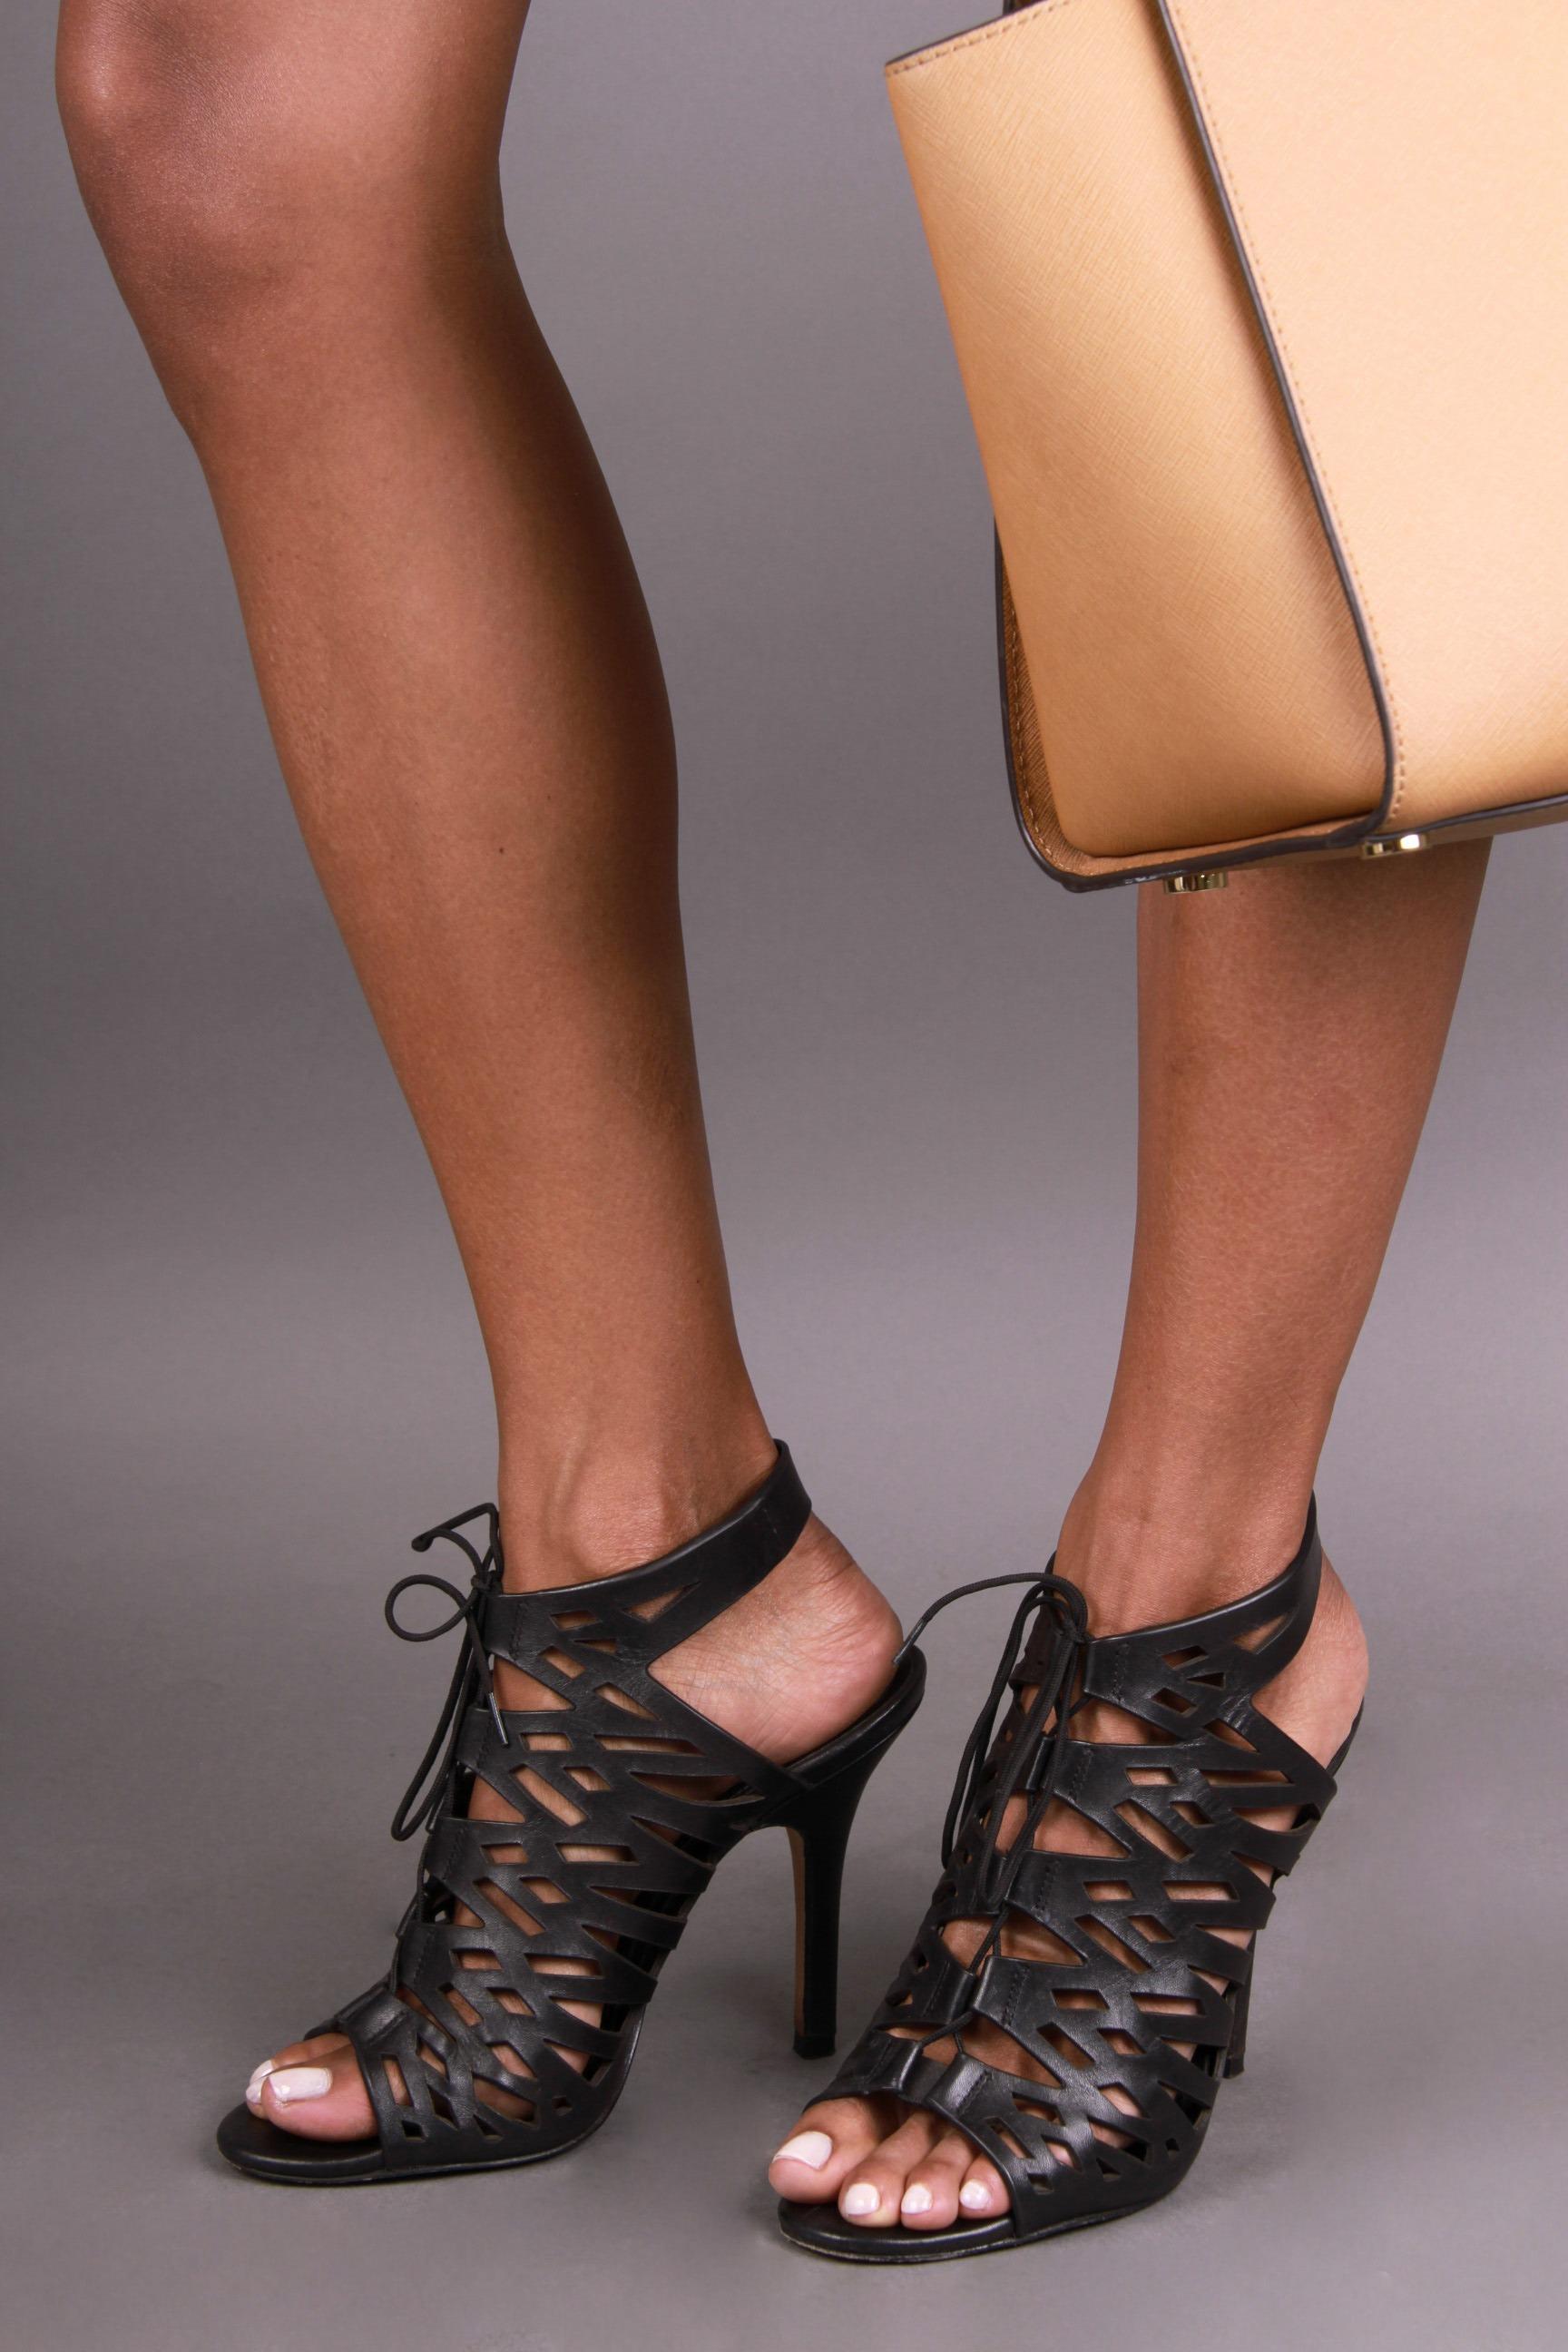 Elizabeth Grullon_Feet4